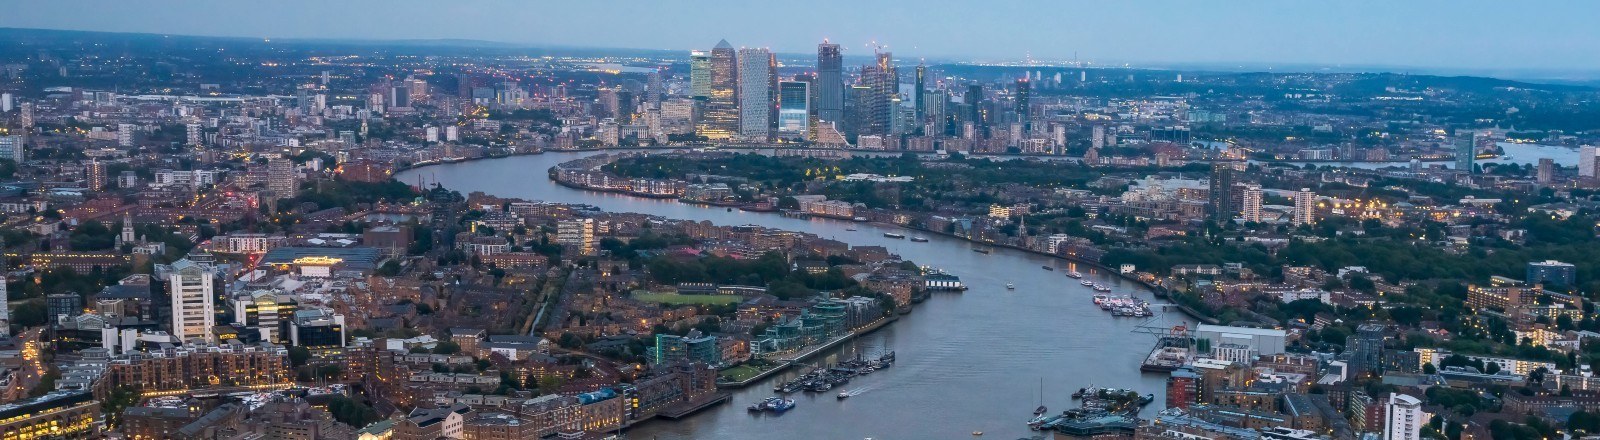 Blick von oben auf die Themse in London mit der Tower Bridge.